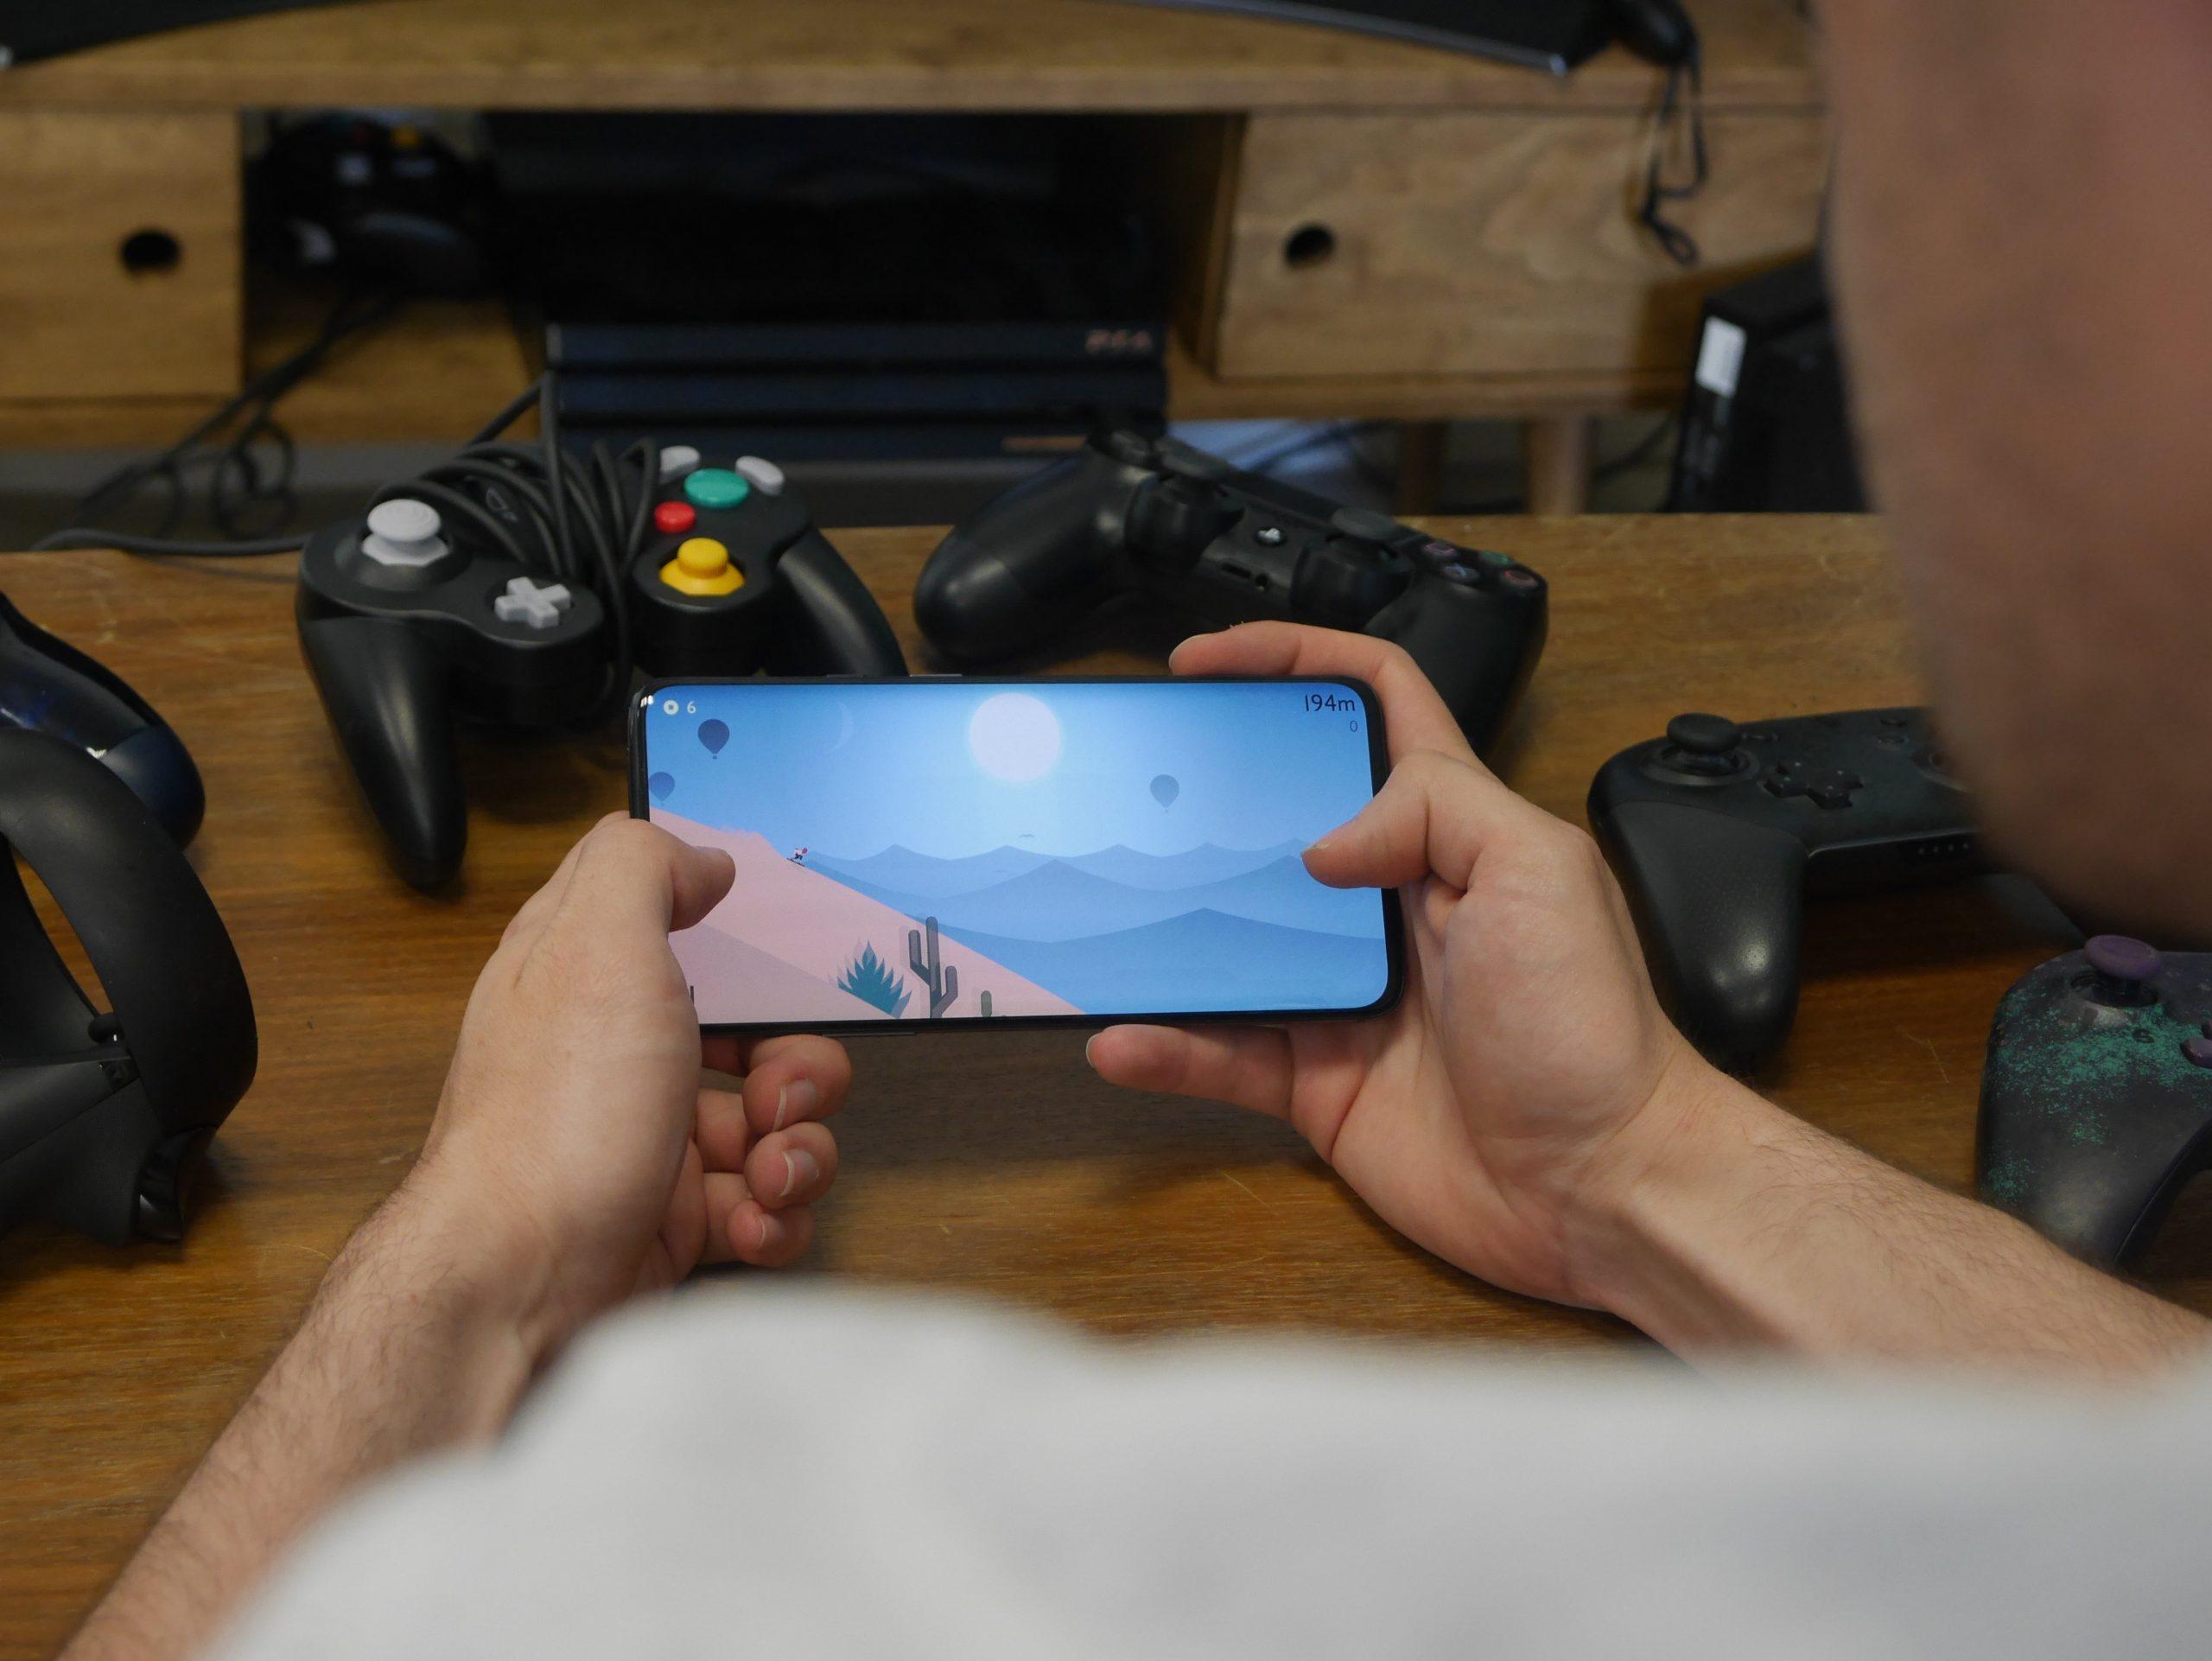 Les Meilleurs Jeux Gratuits Sur Android En 2020 tout Jeu De Puissance 4 Gratuit En Ligne